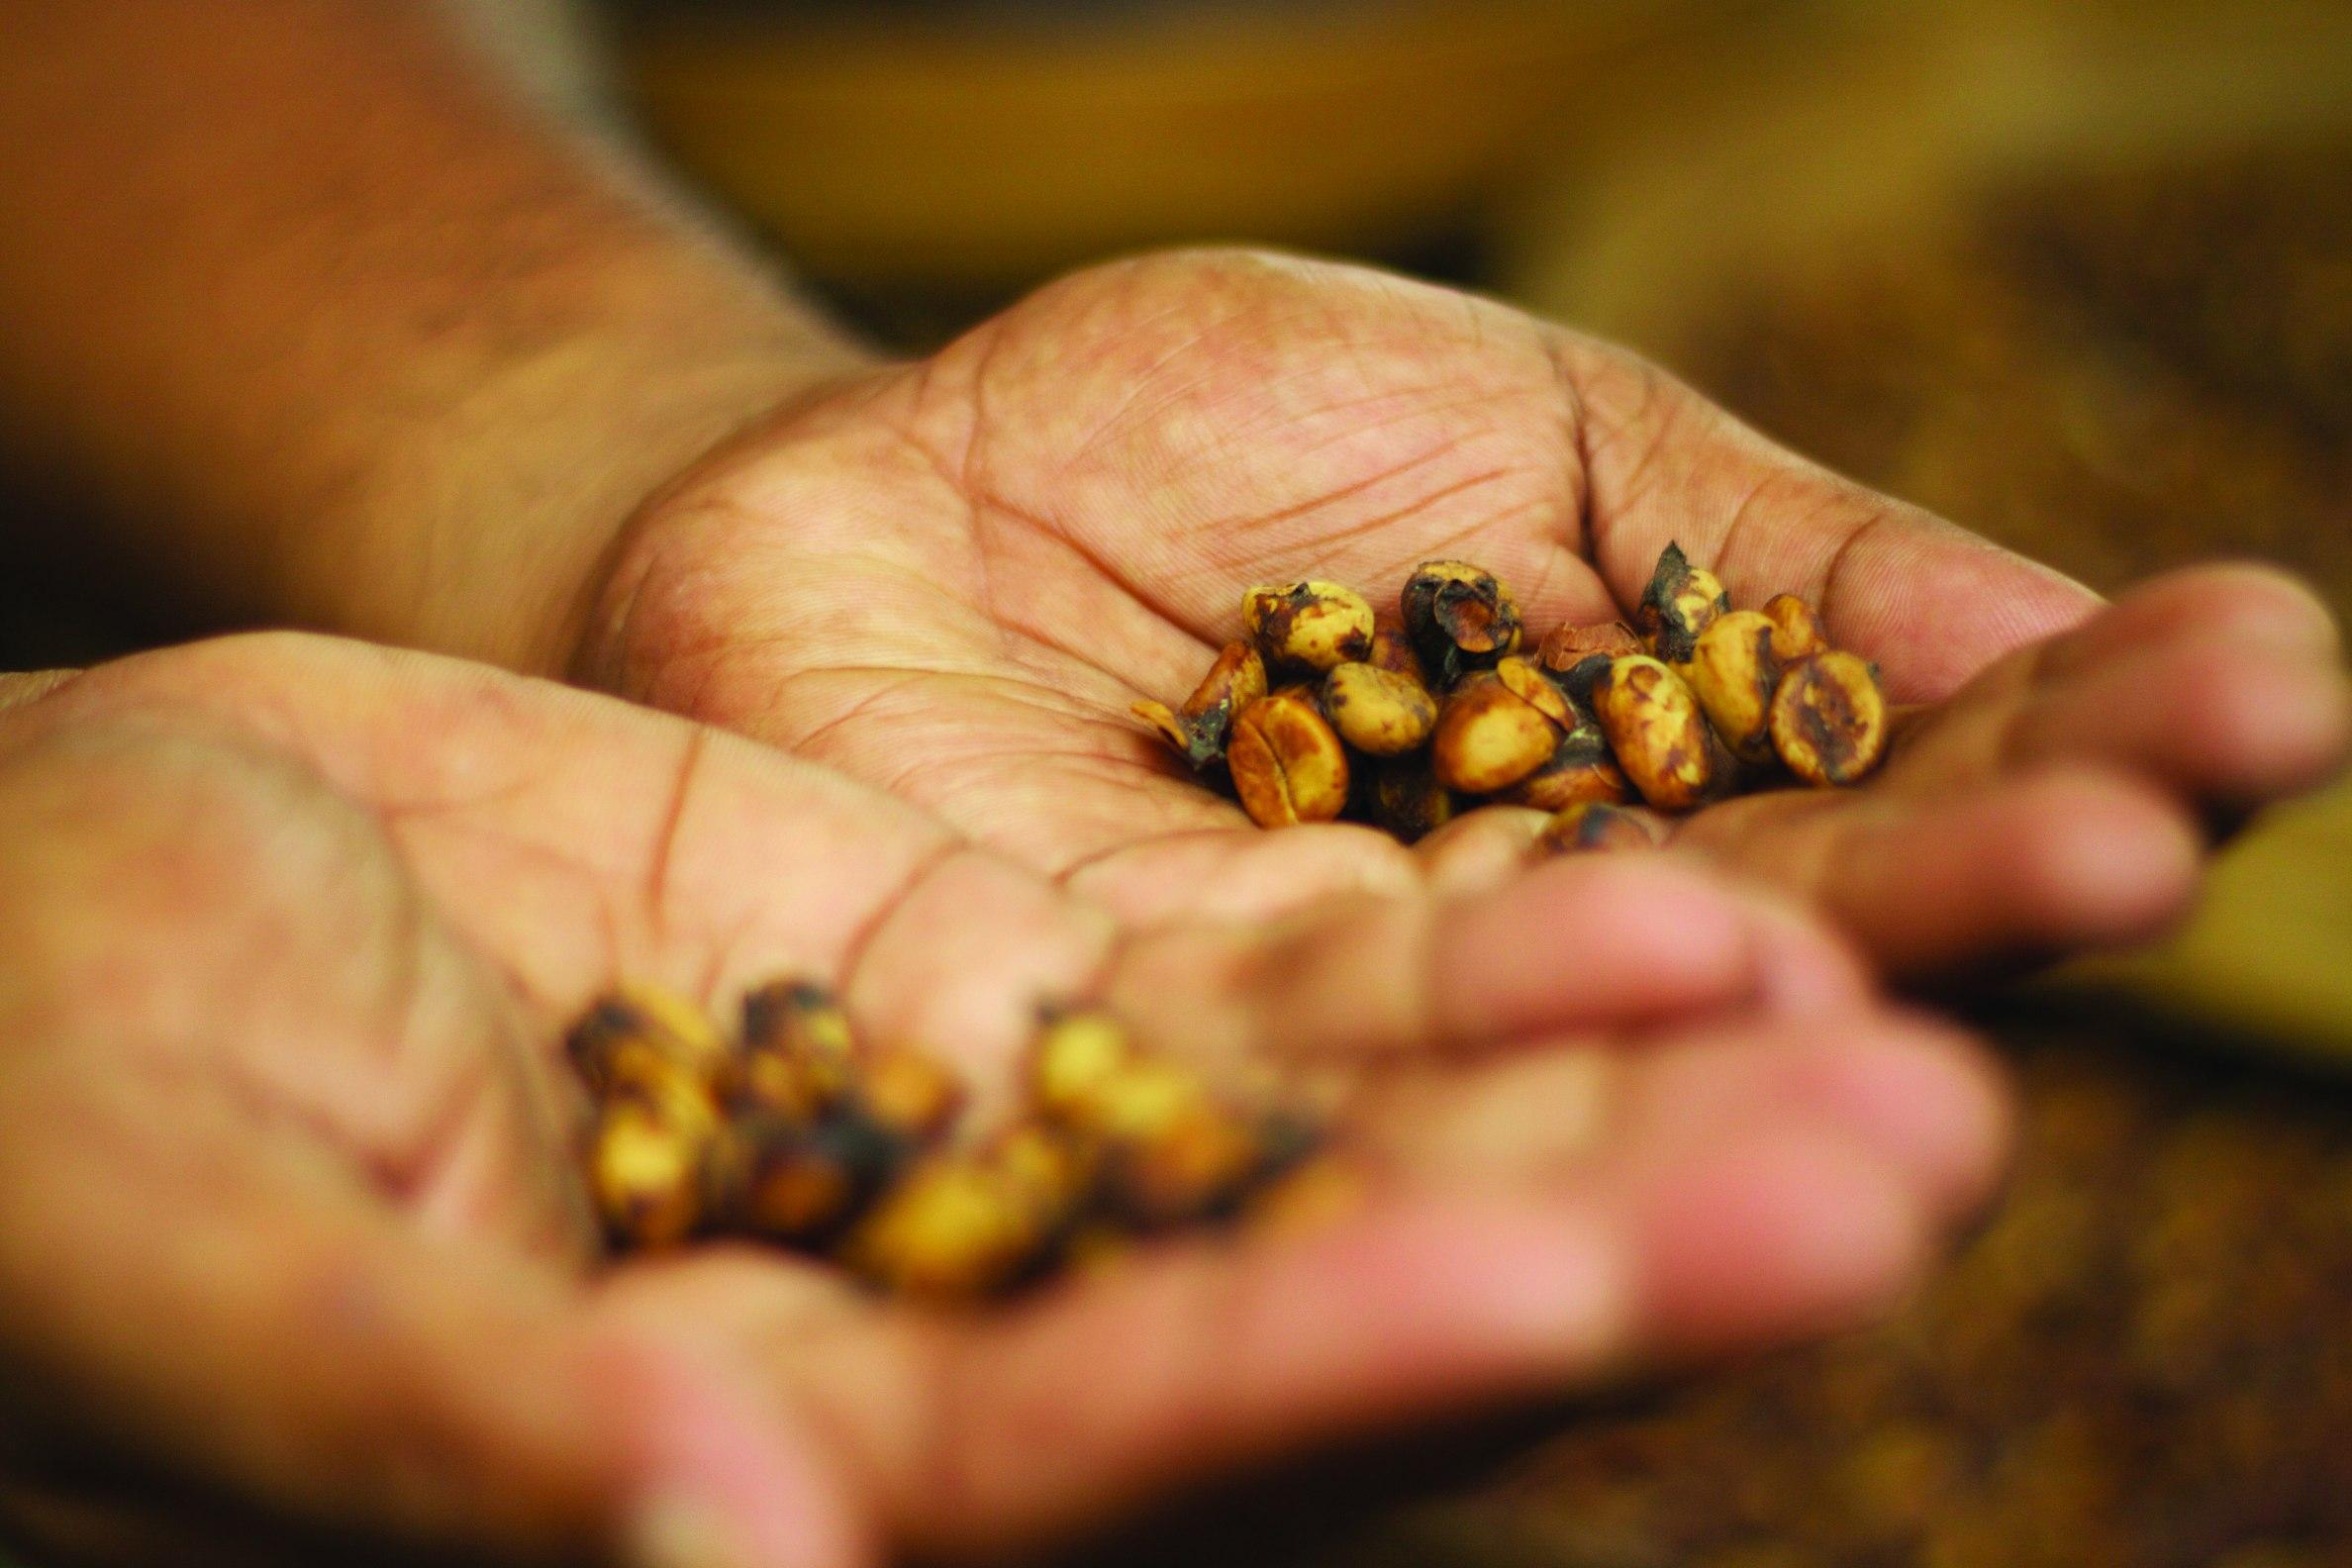 Ziarna najdroższej kawy na świecie kopi luwak, nadtrawione i wydalone przez cywetę (fot. McKay Savage / Flickr.com / materiały prasowe)